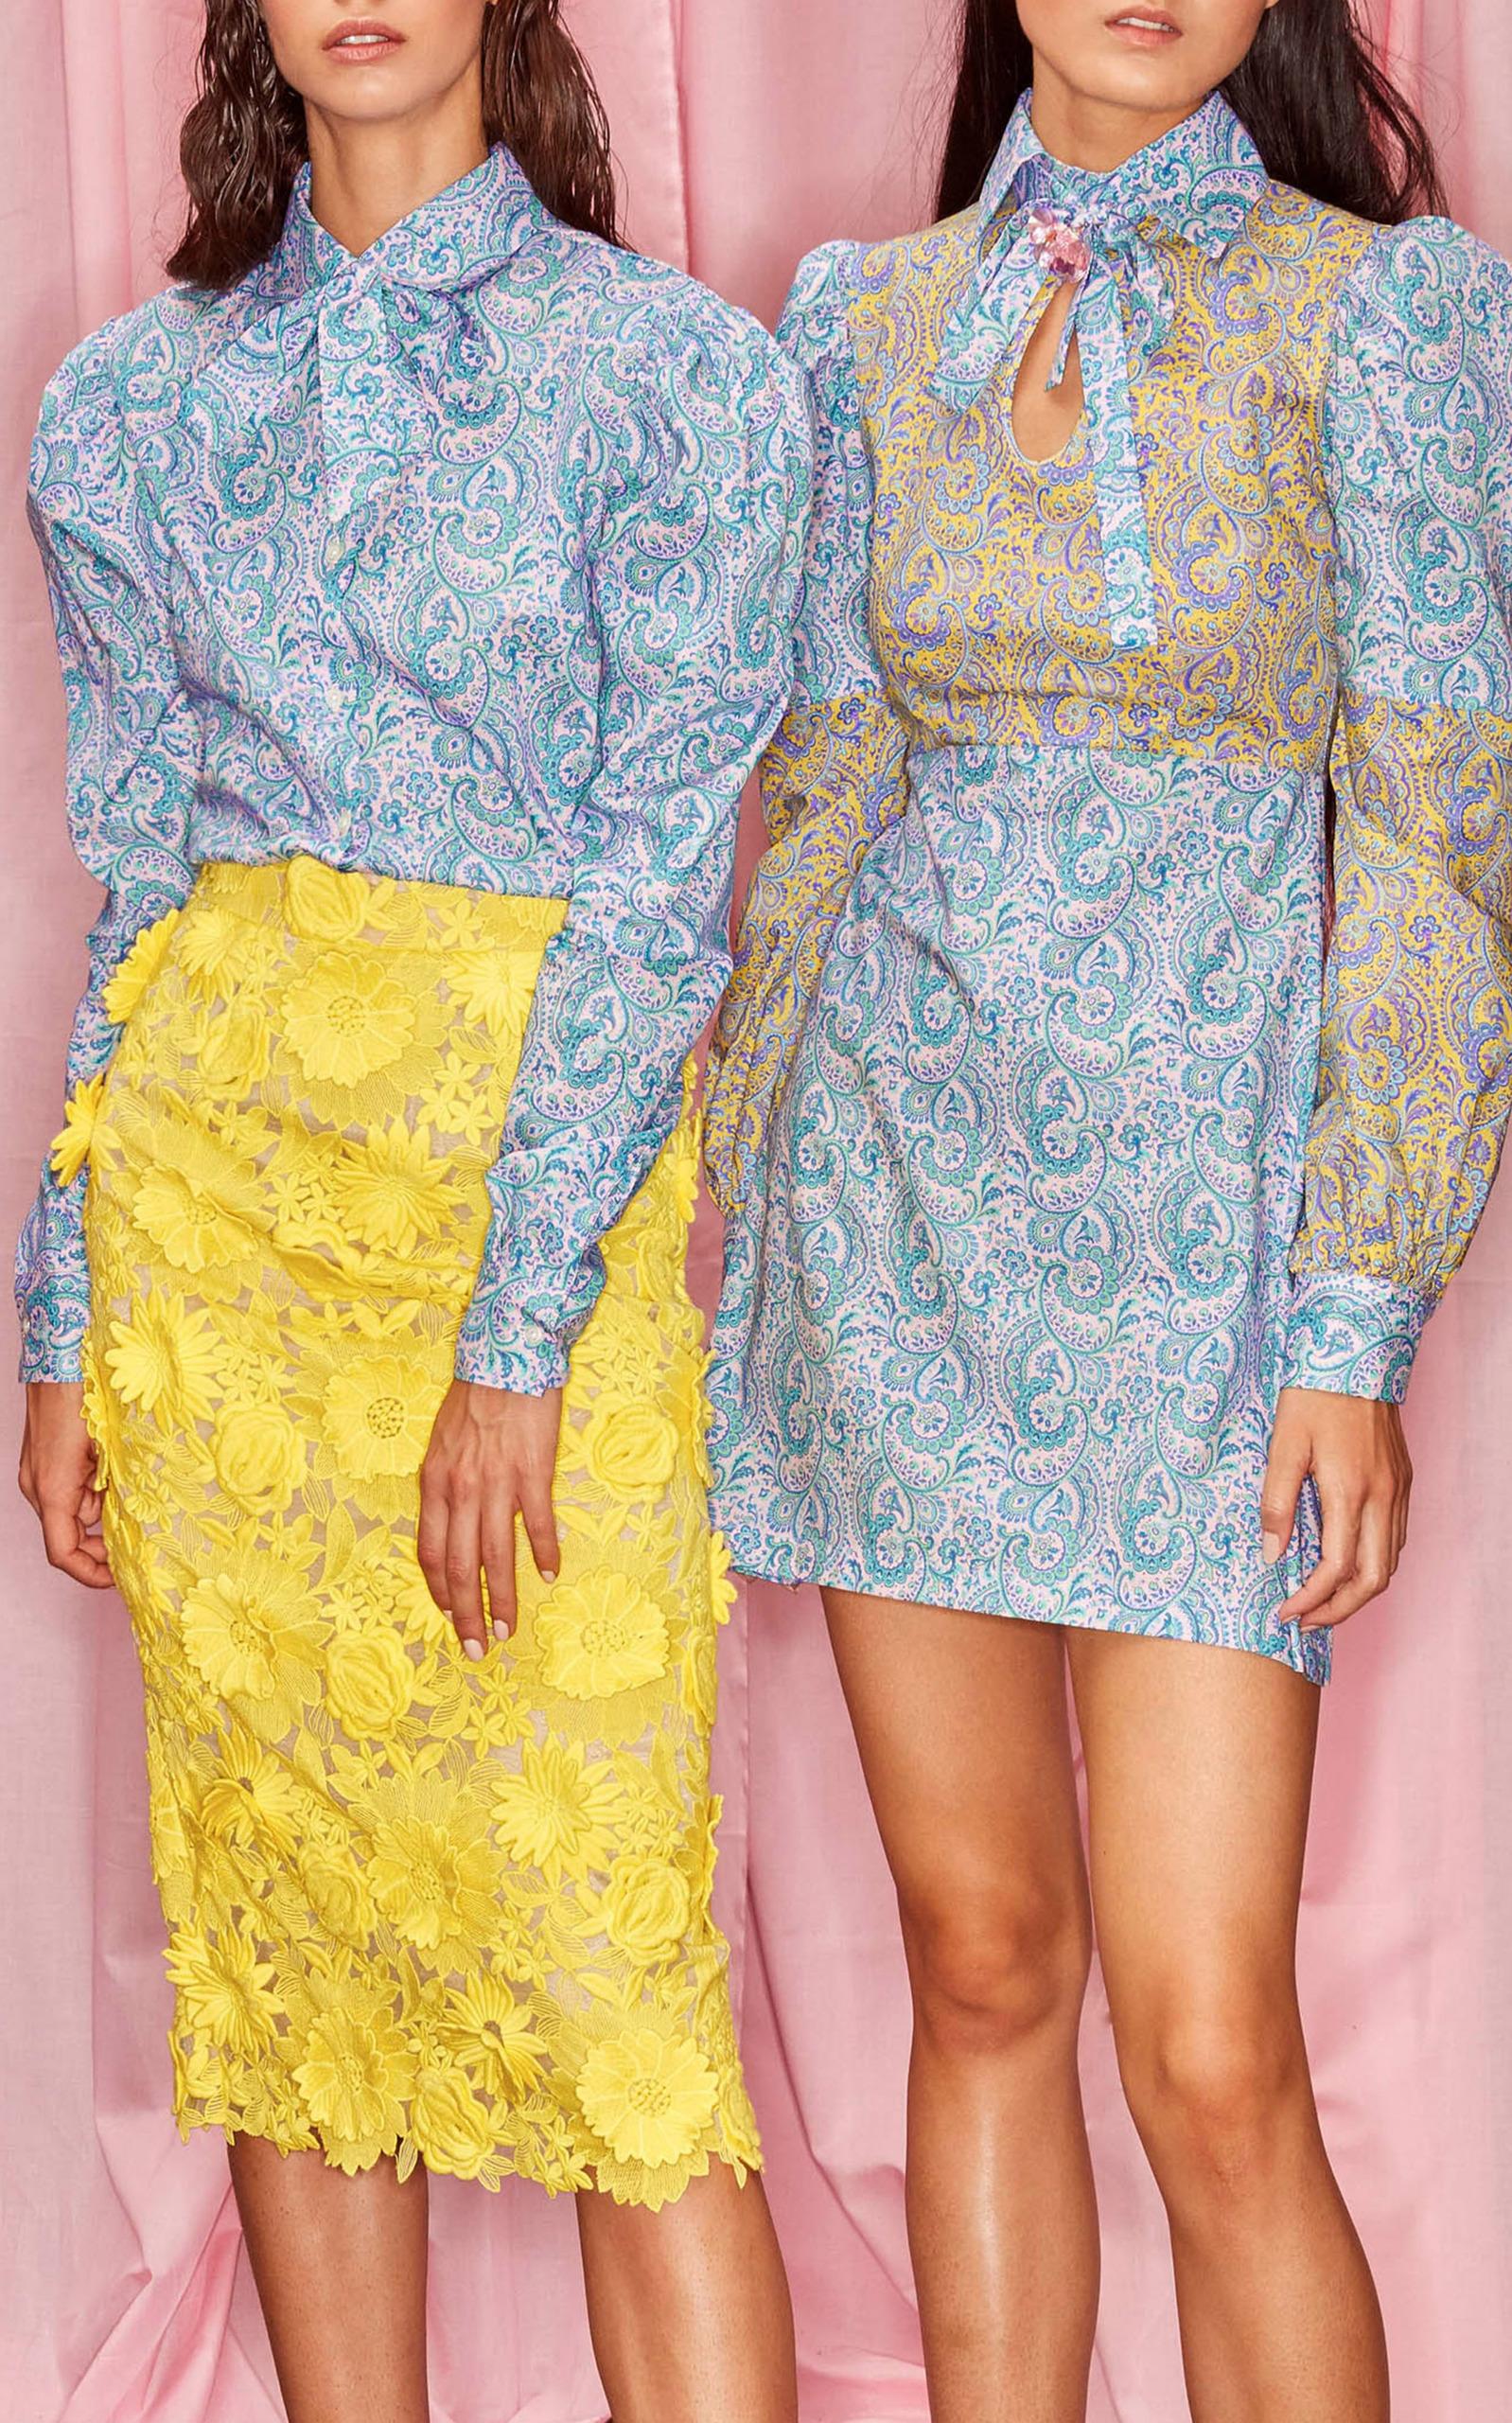 Alcoolique Araka Floral skirt - image via ModaOperandi.com